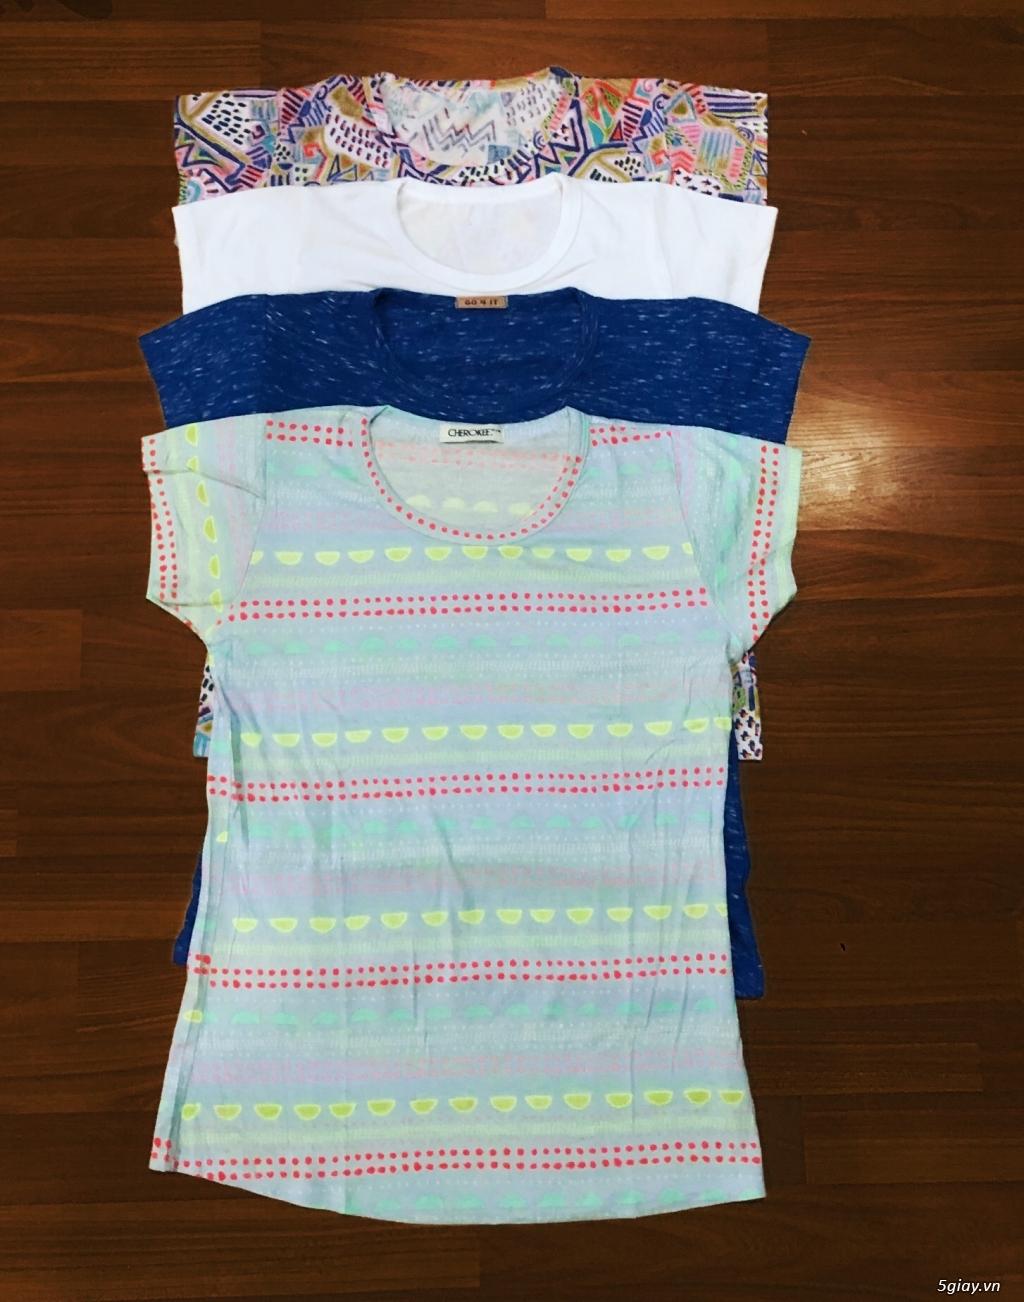 Hàng mới về thêm đây áo thun sỉ rẻ đẹp giá tận kho tại quận 8